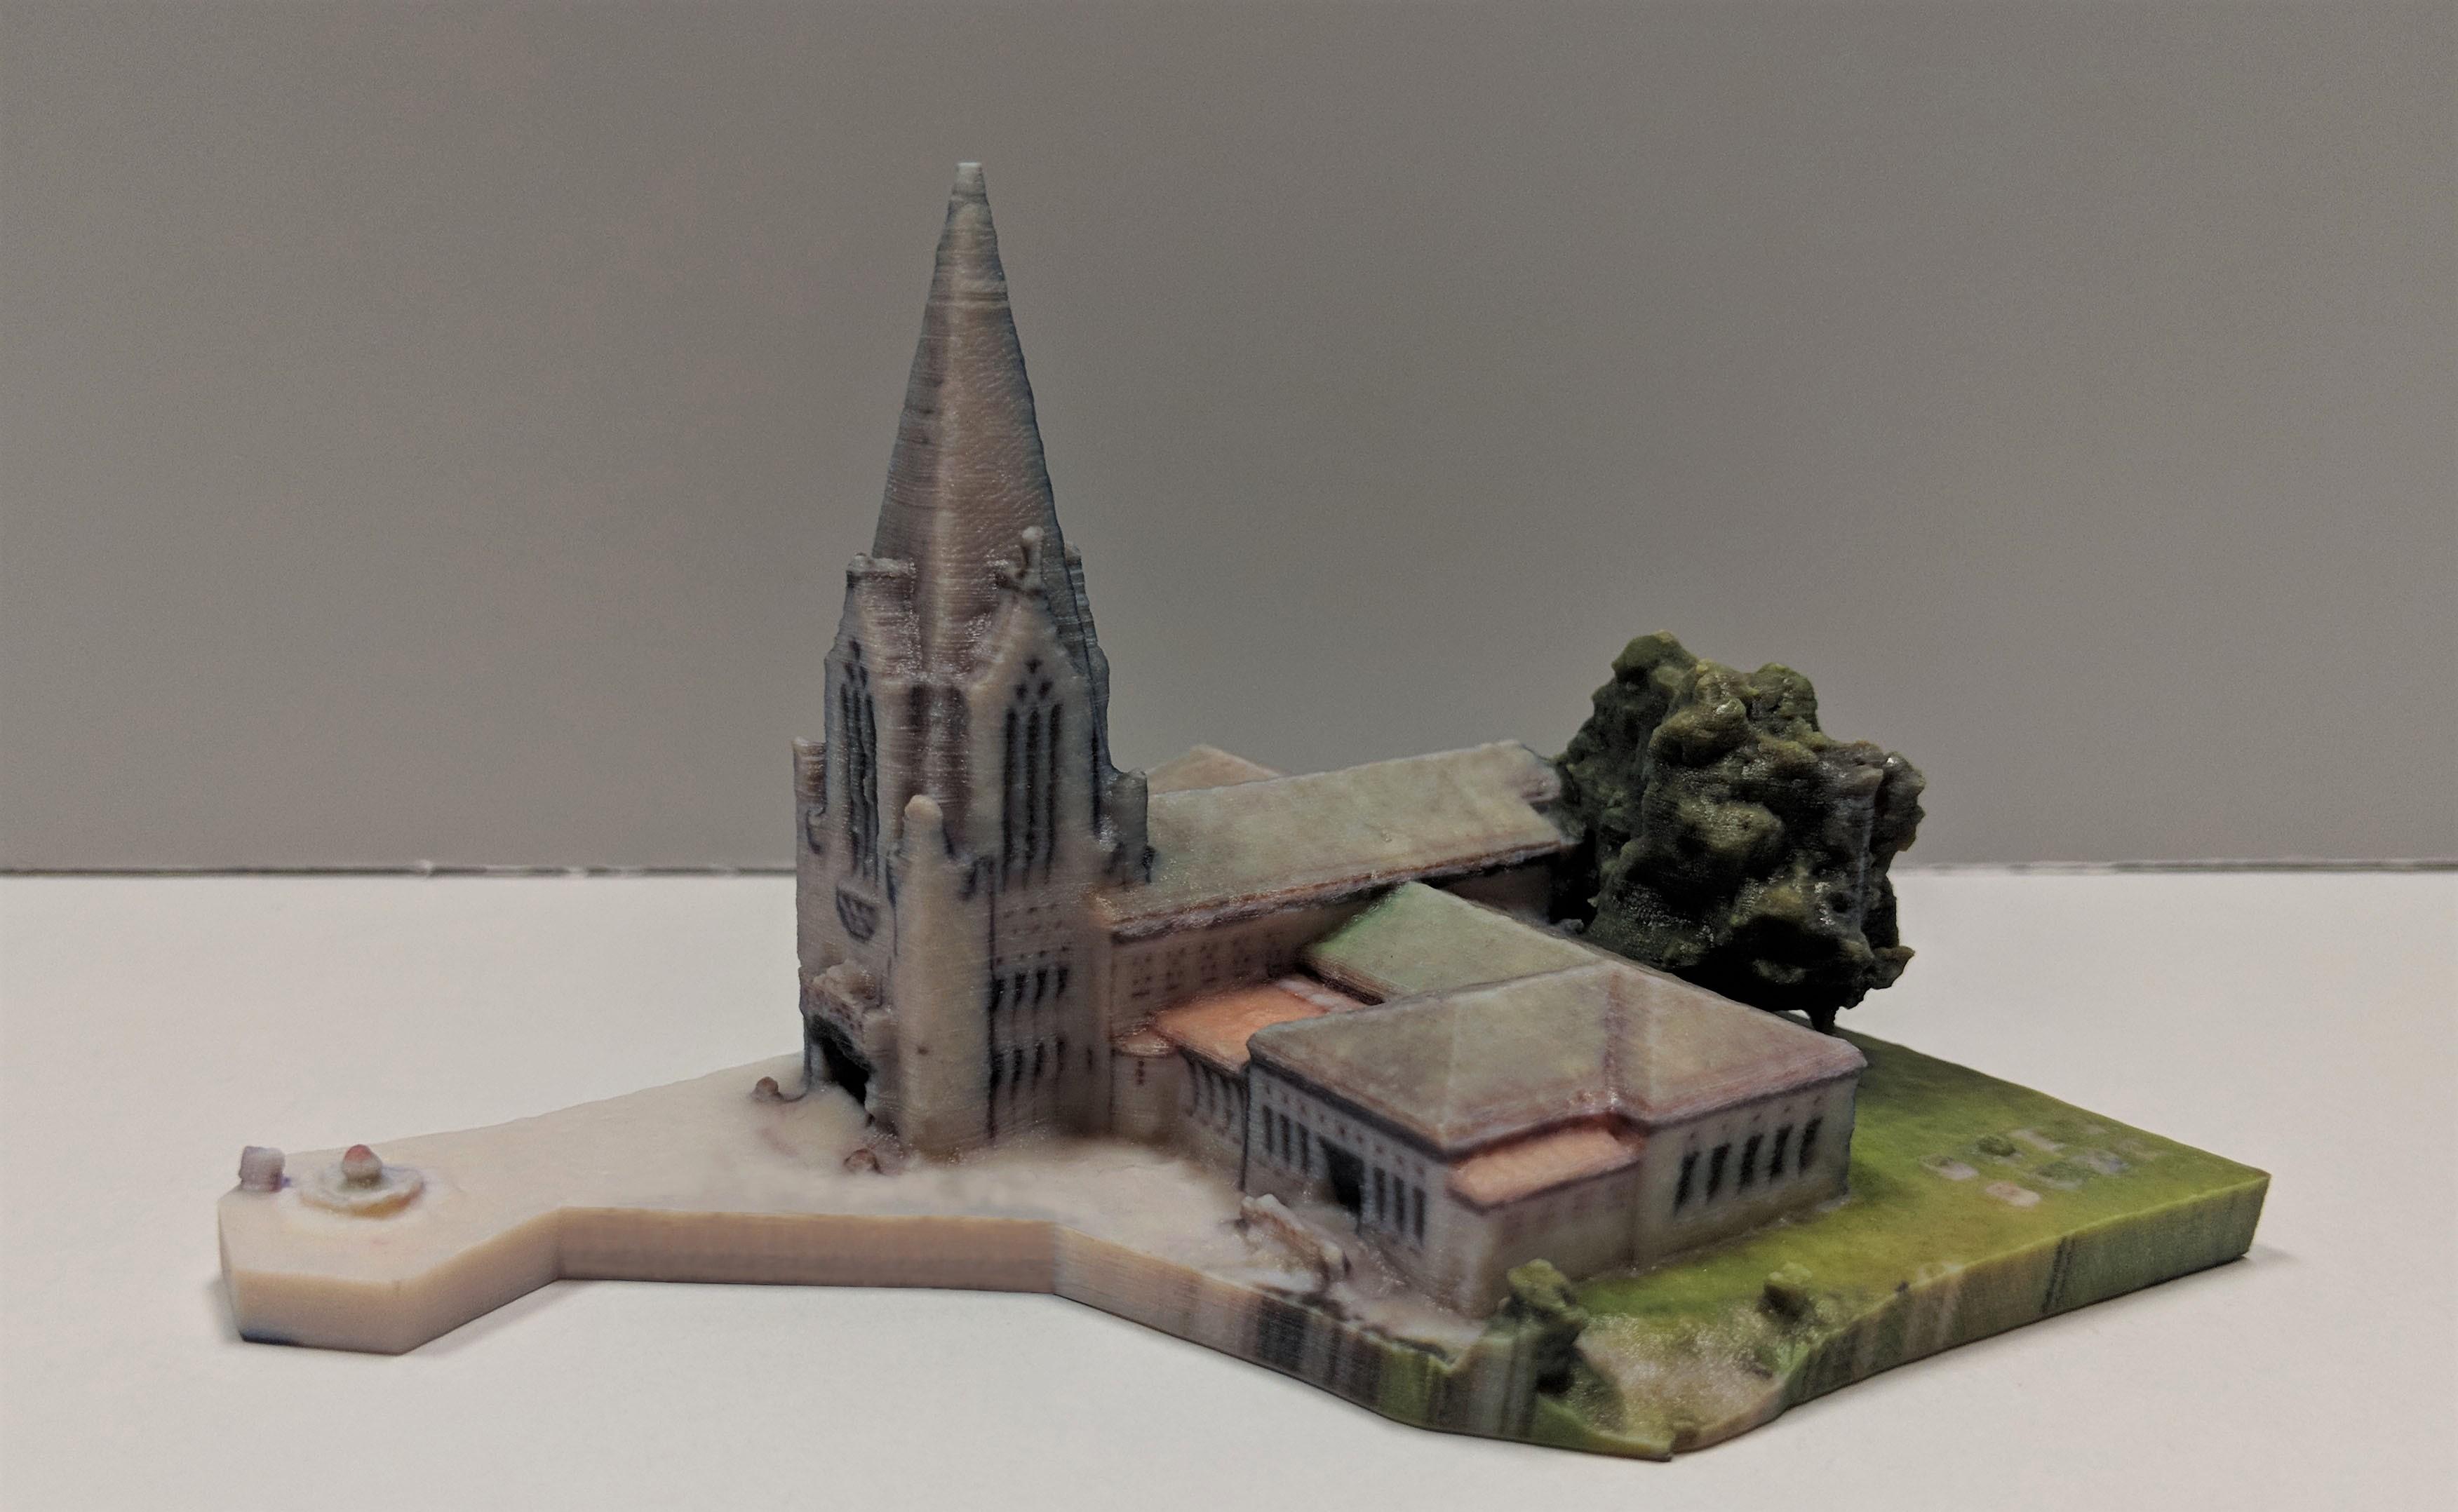 3D printed model Pix4D